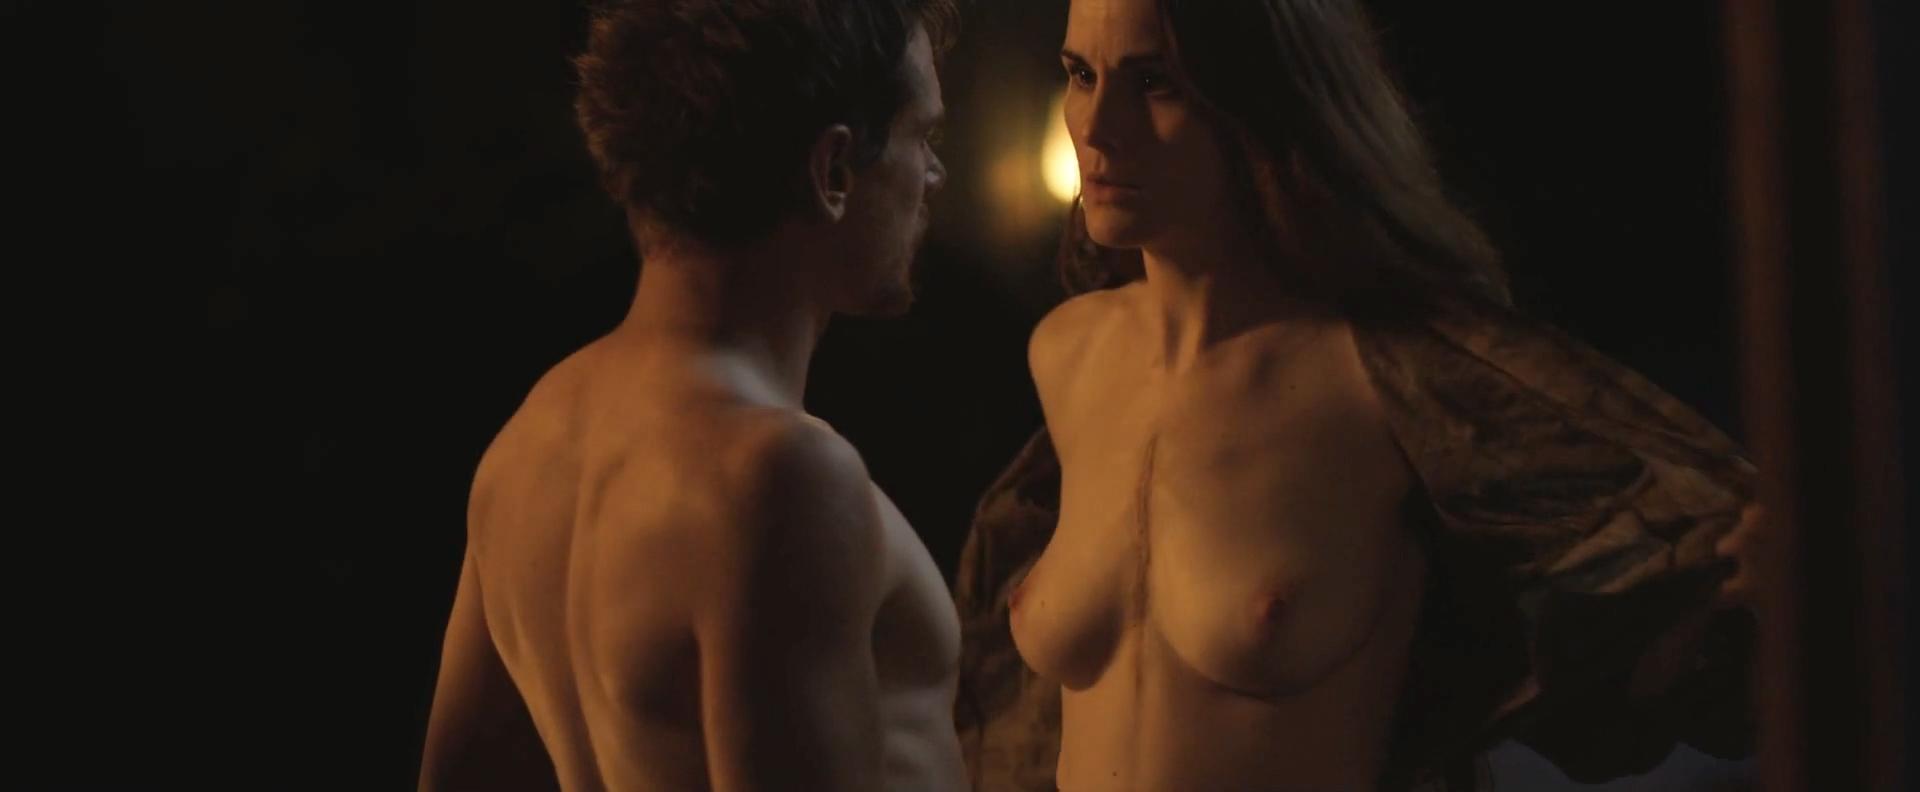 Lena vegas nackt